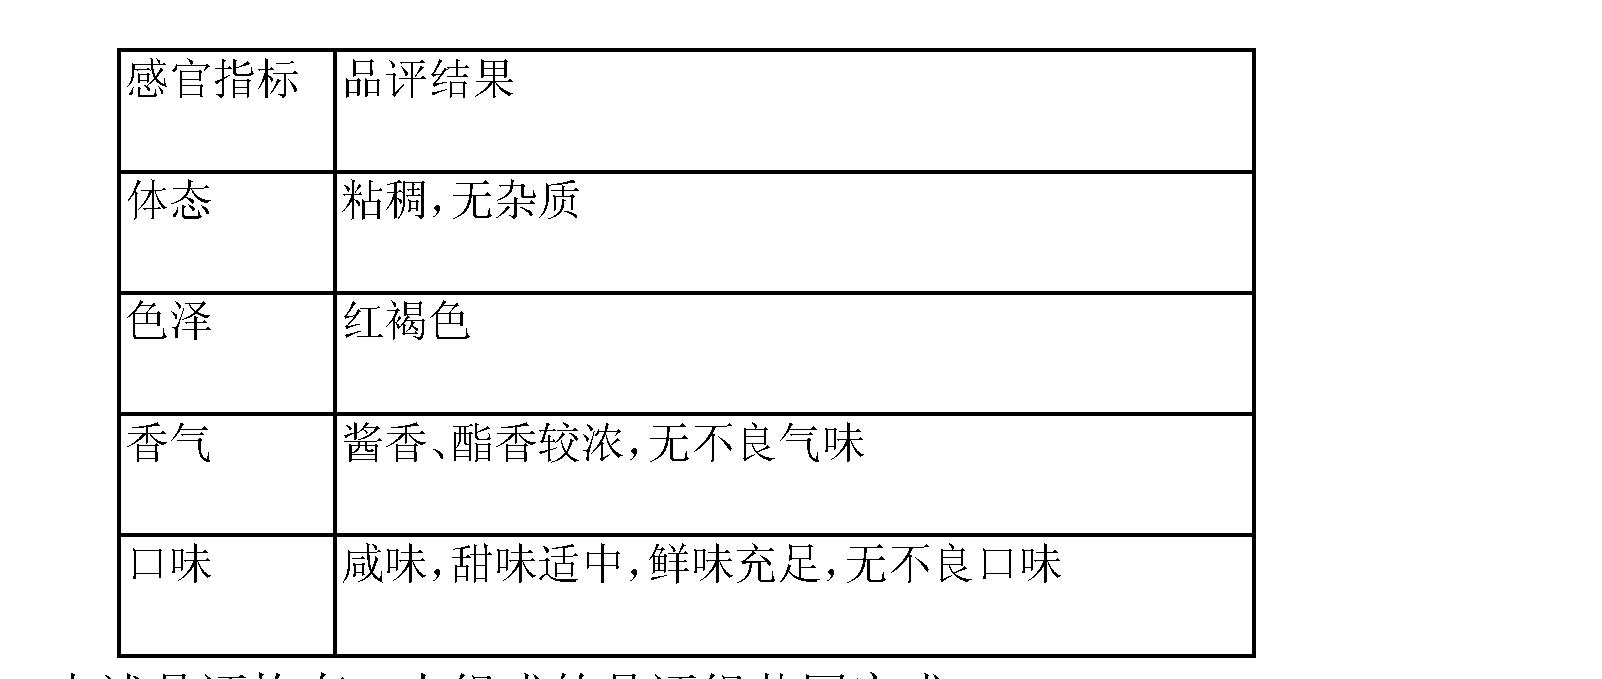 Figure CN103070387BD00152